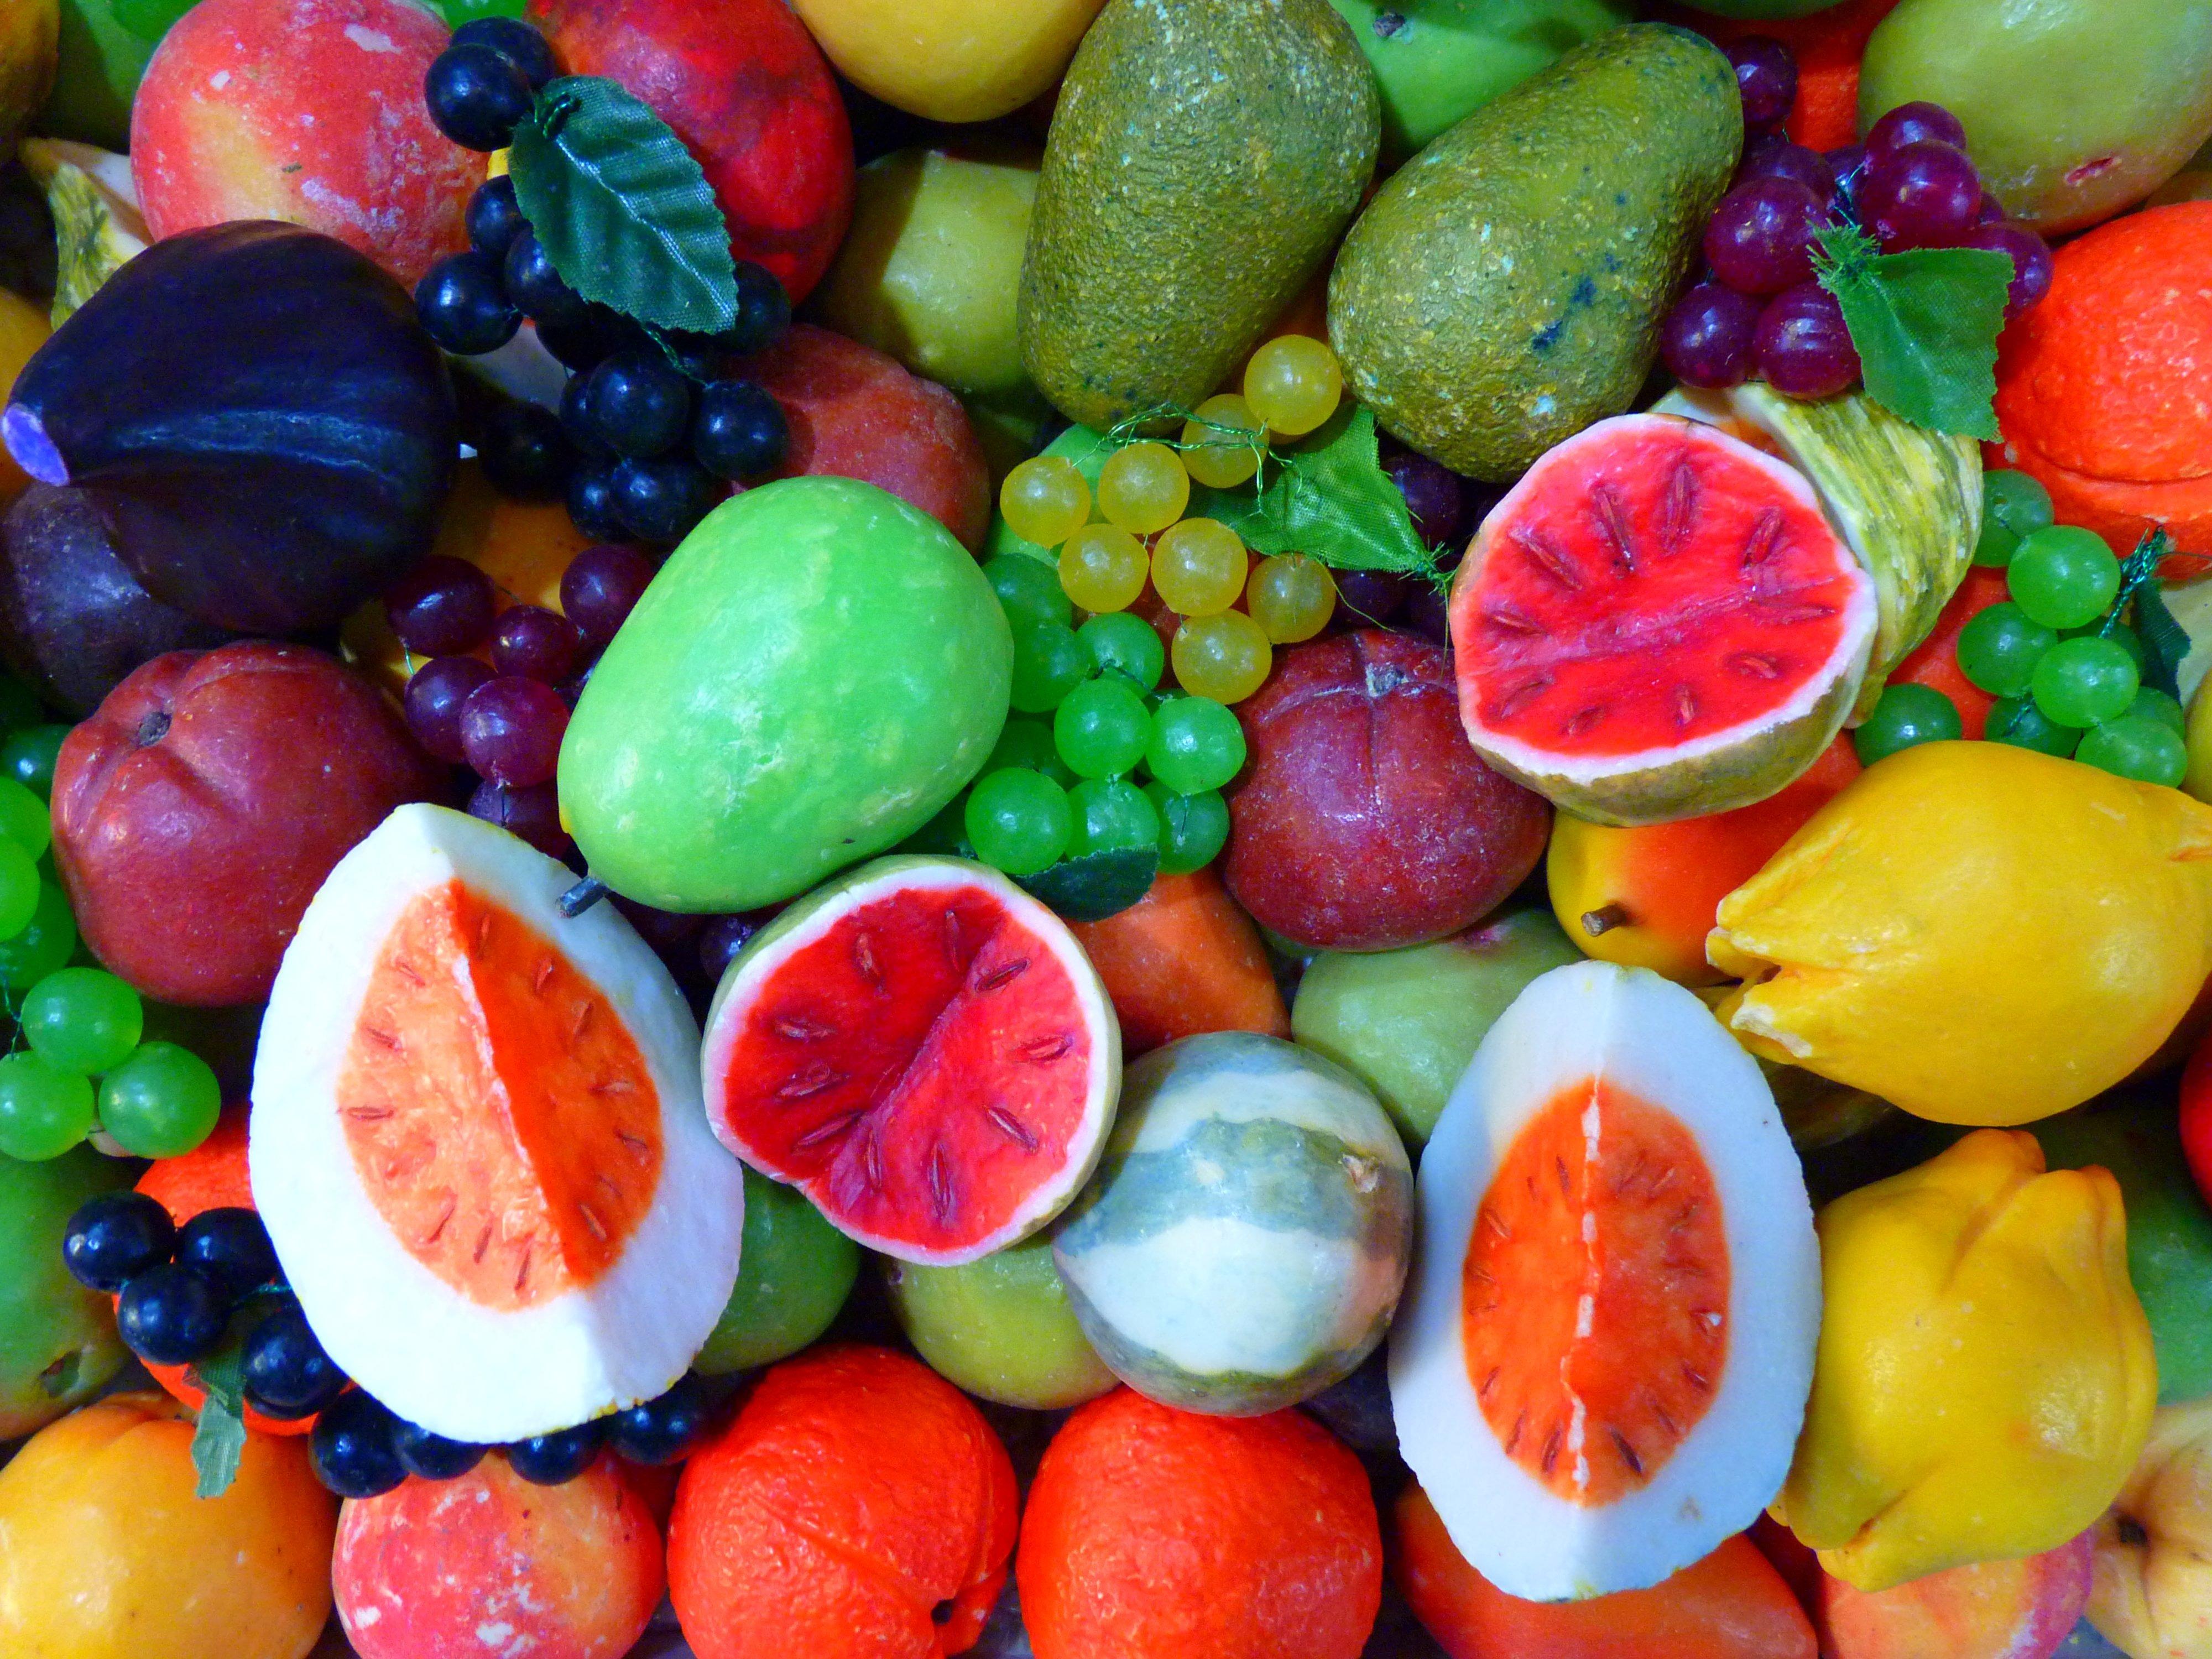 Картинка нового фрукта встречаются